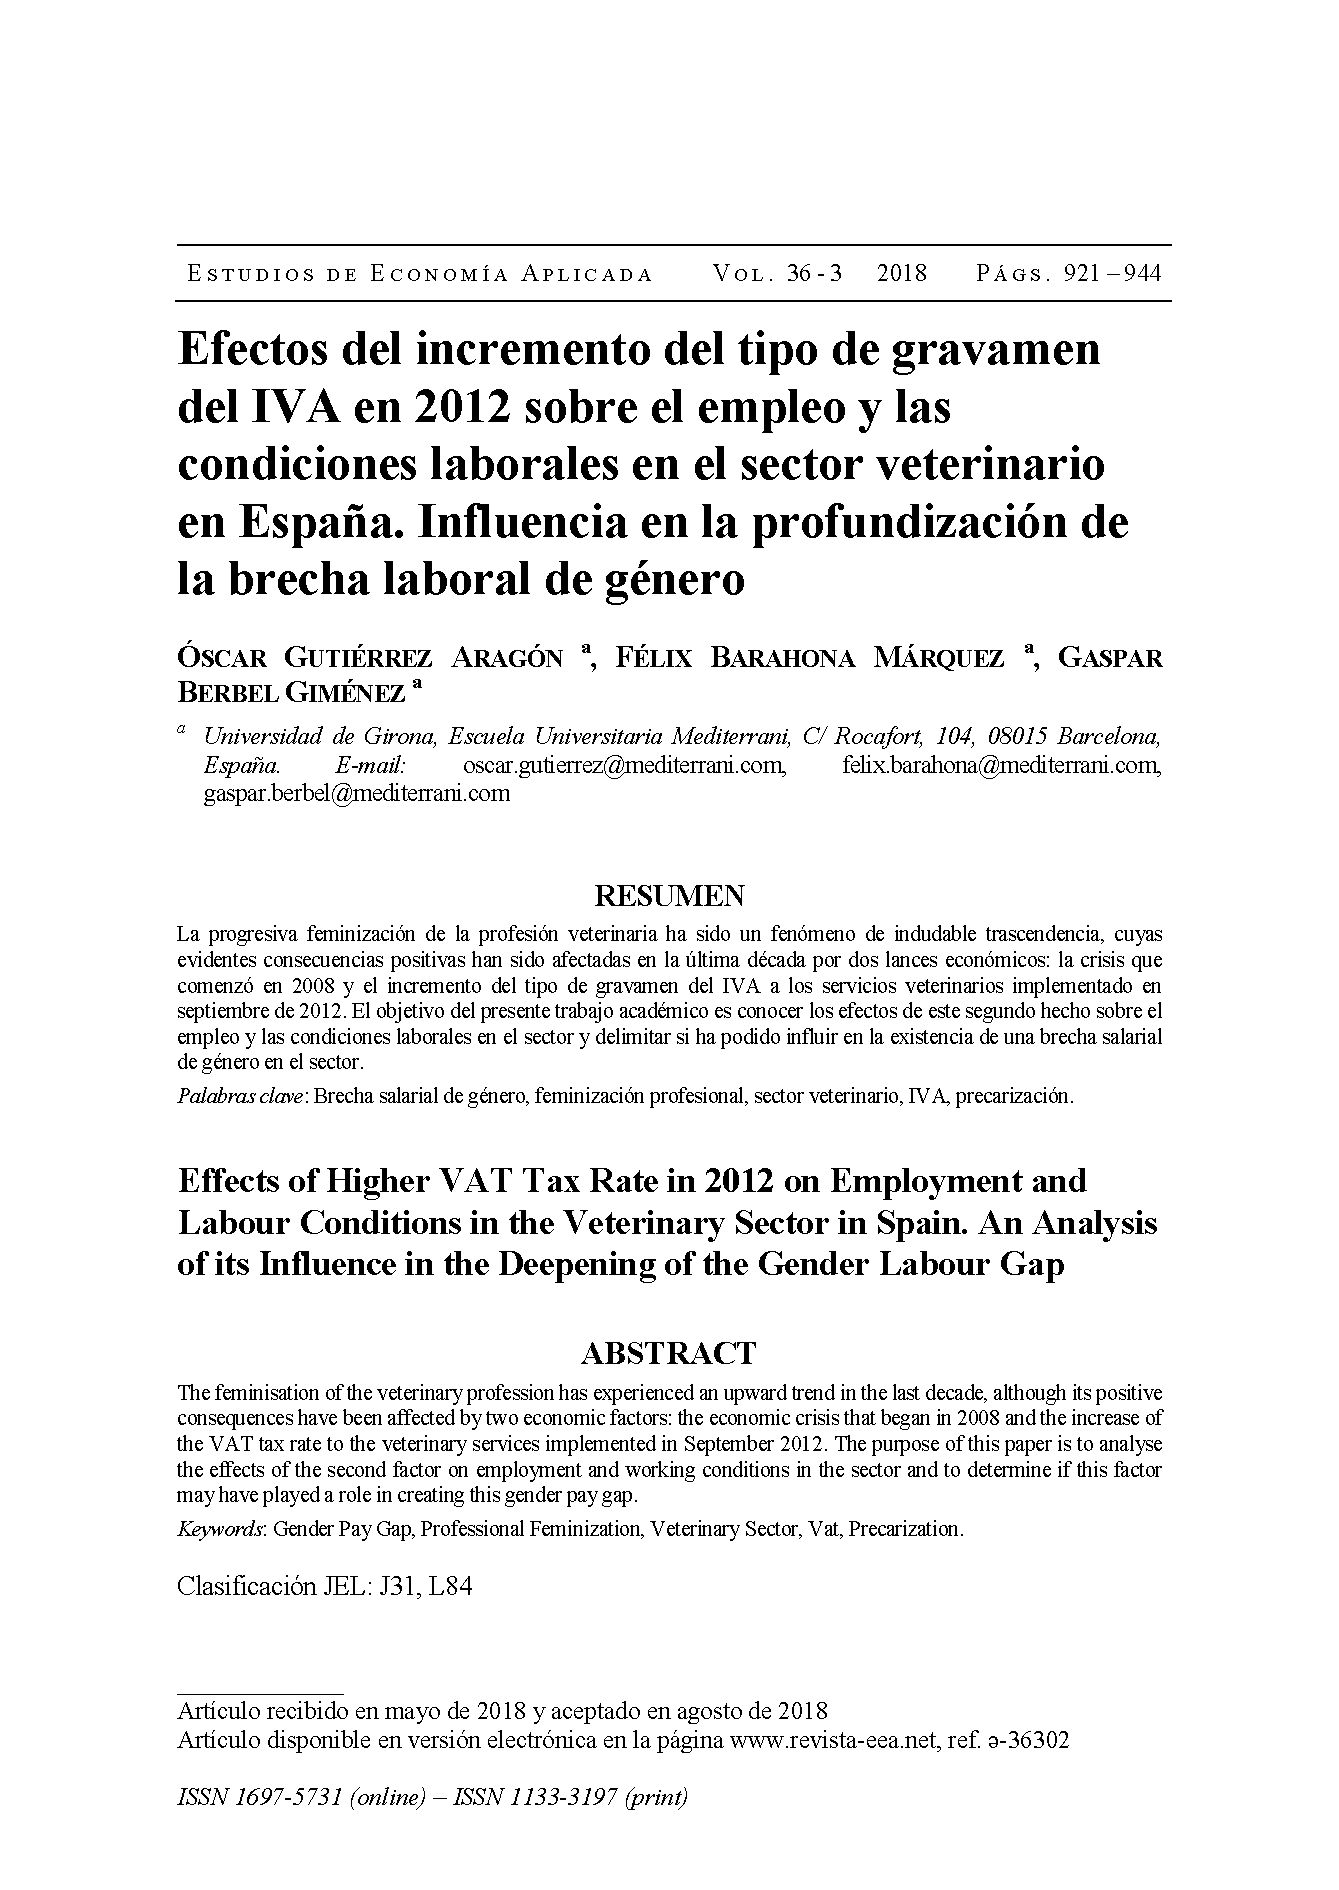 Efectos incremento IVA sobre condiciones laborales sector veterinario (EEA)_Página_01